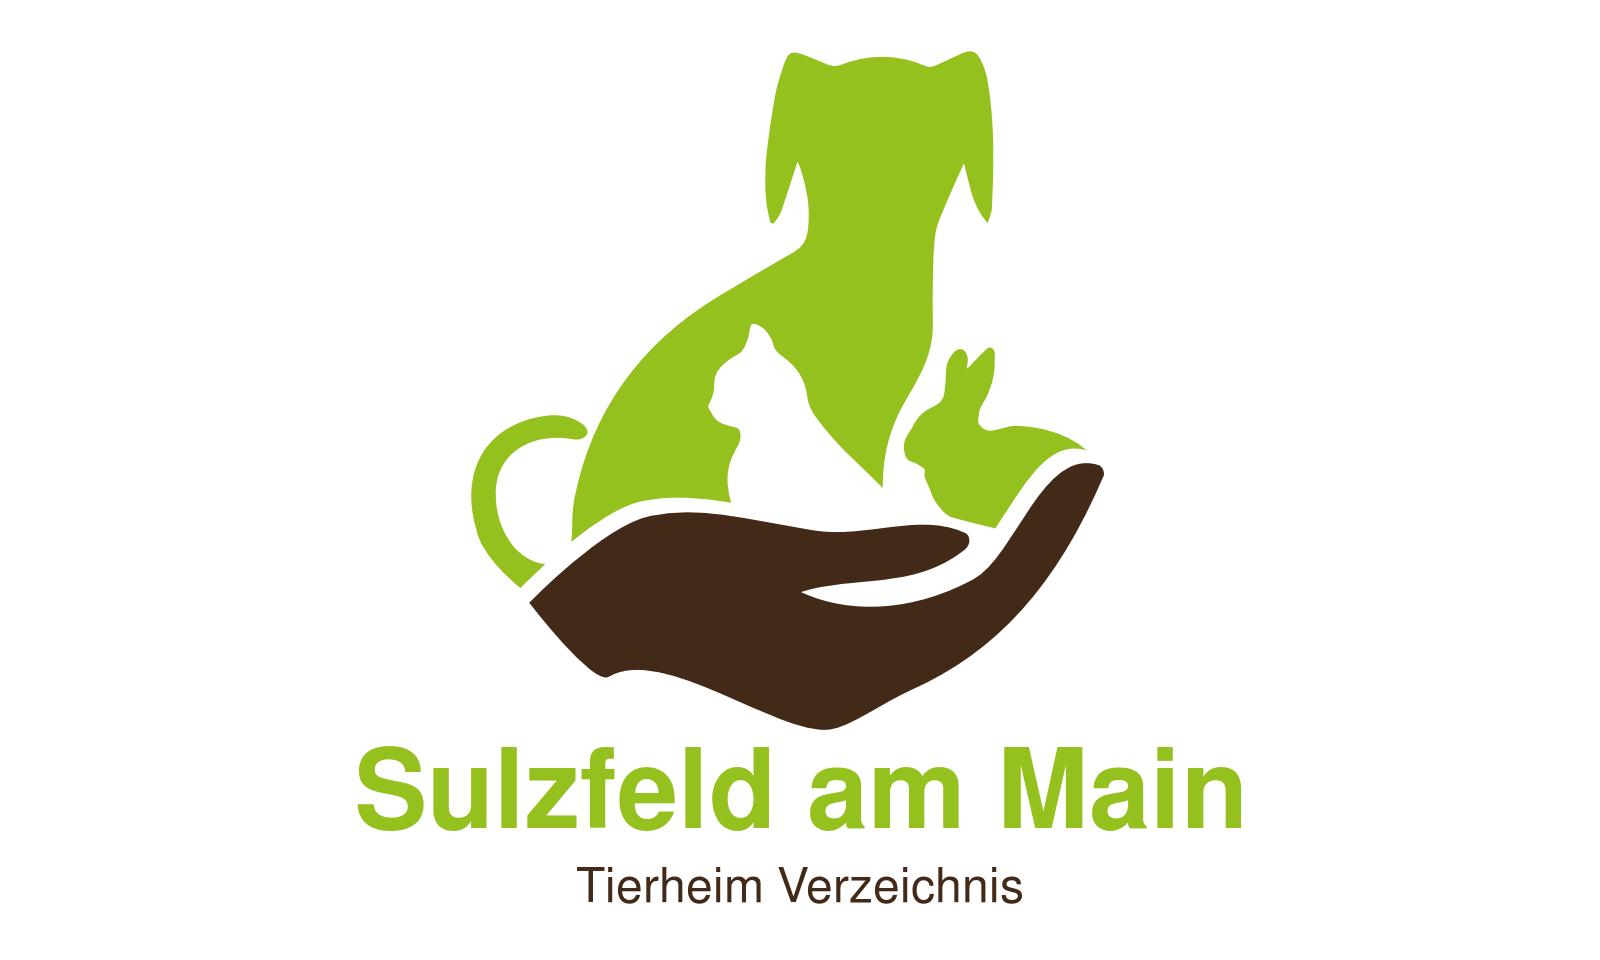 Tierheim Sulzfeld am Main